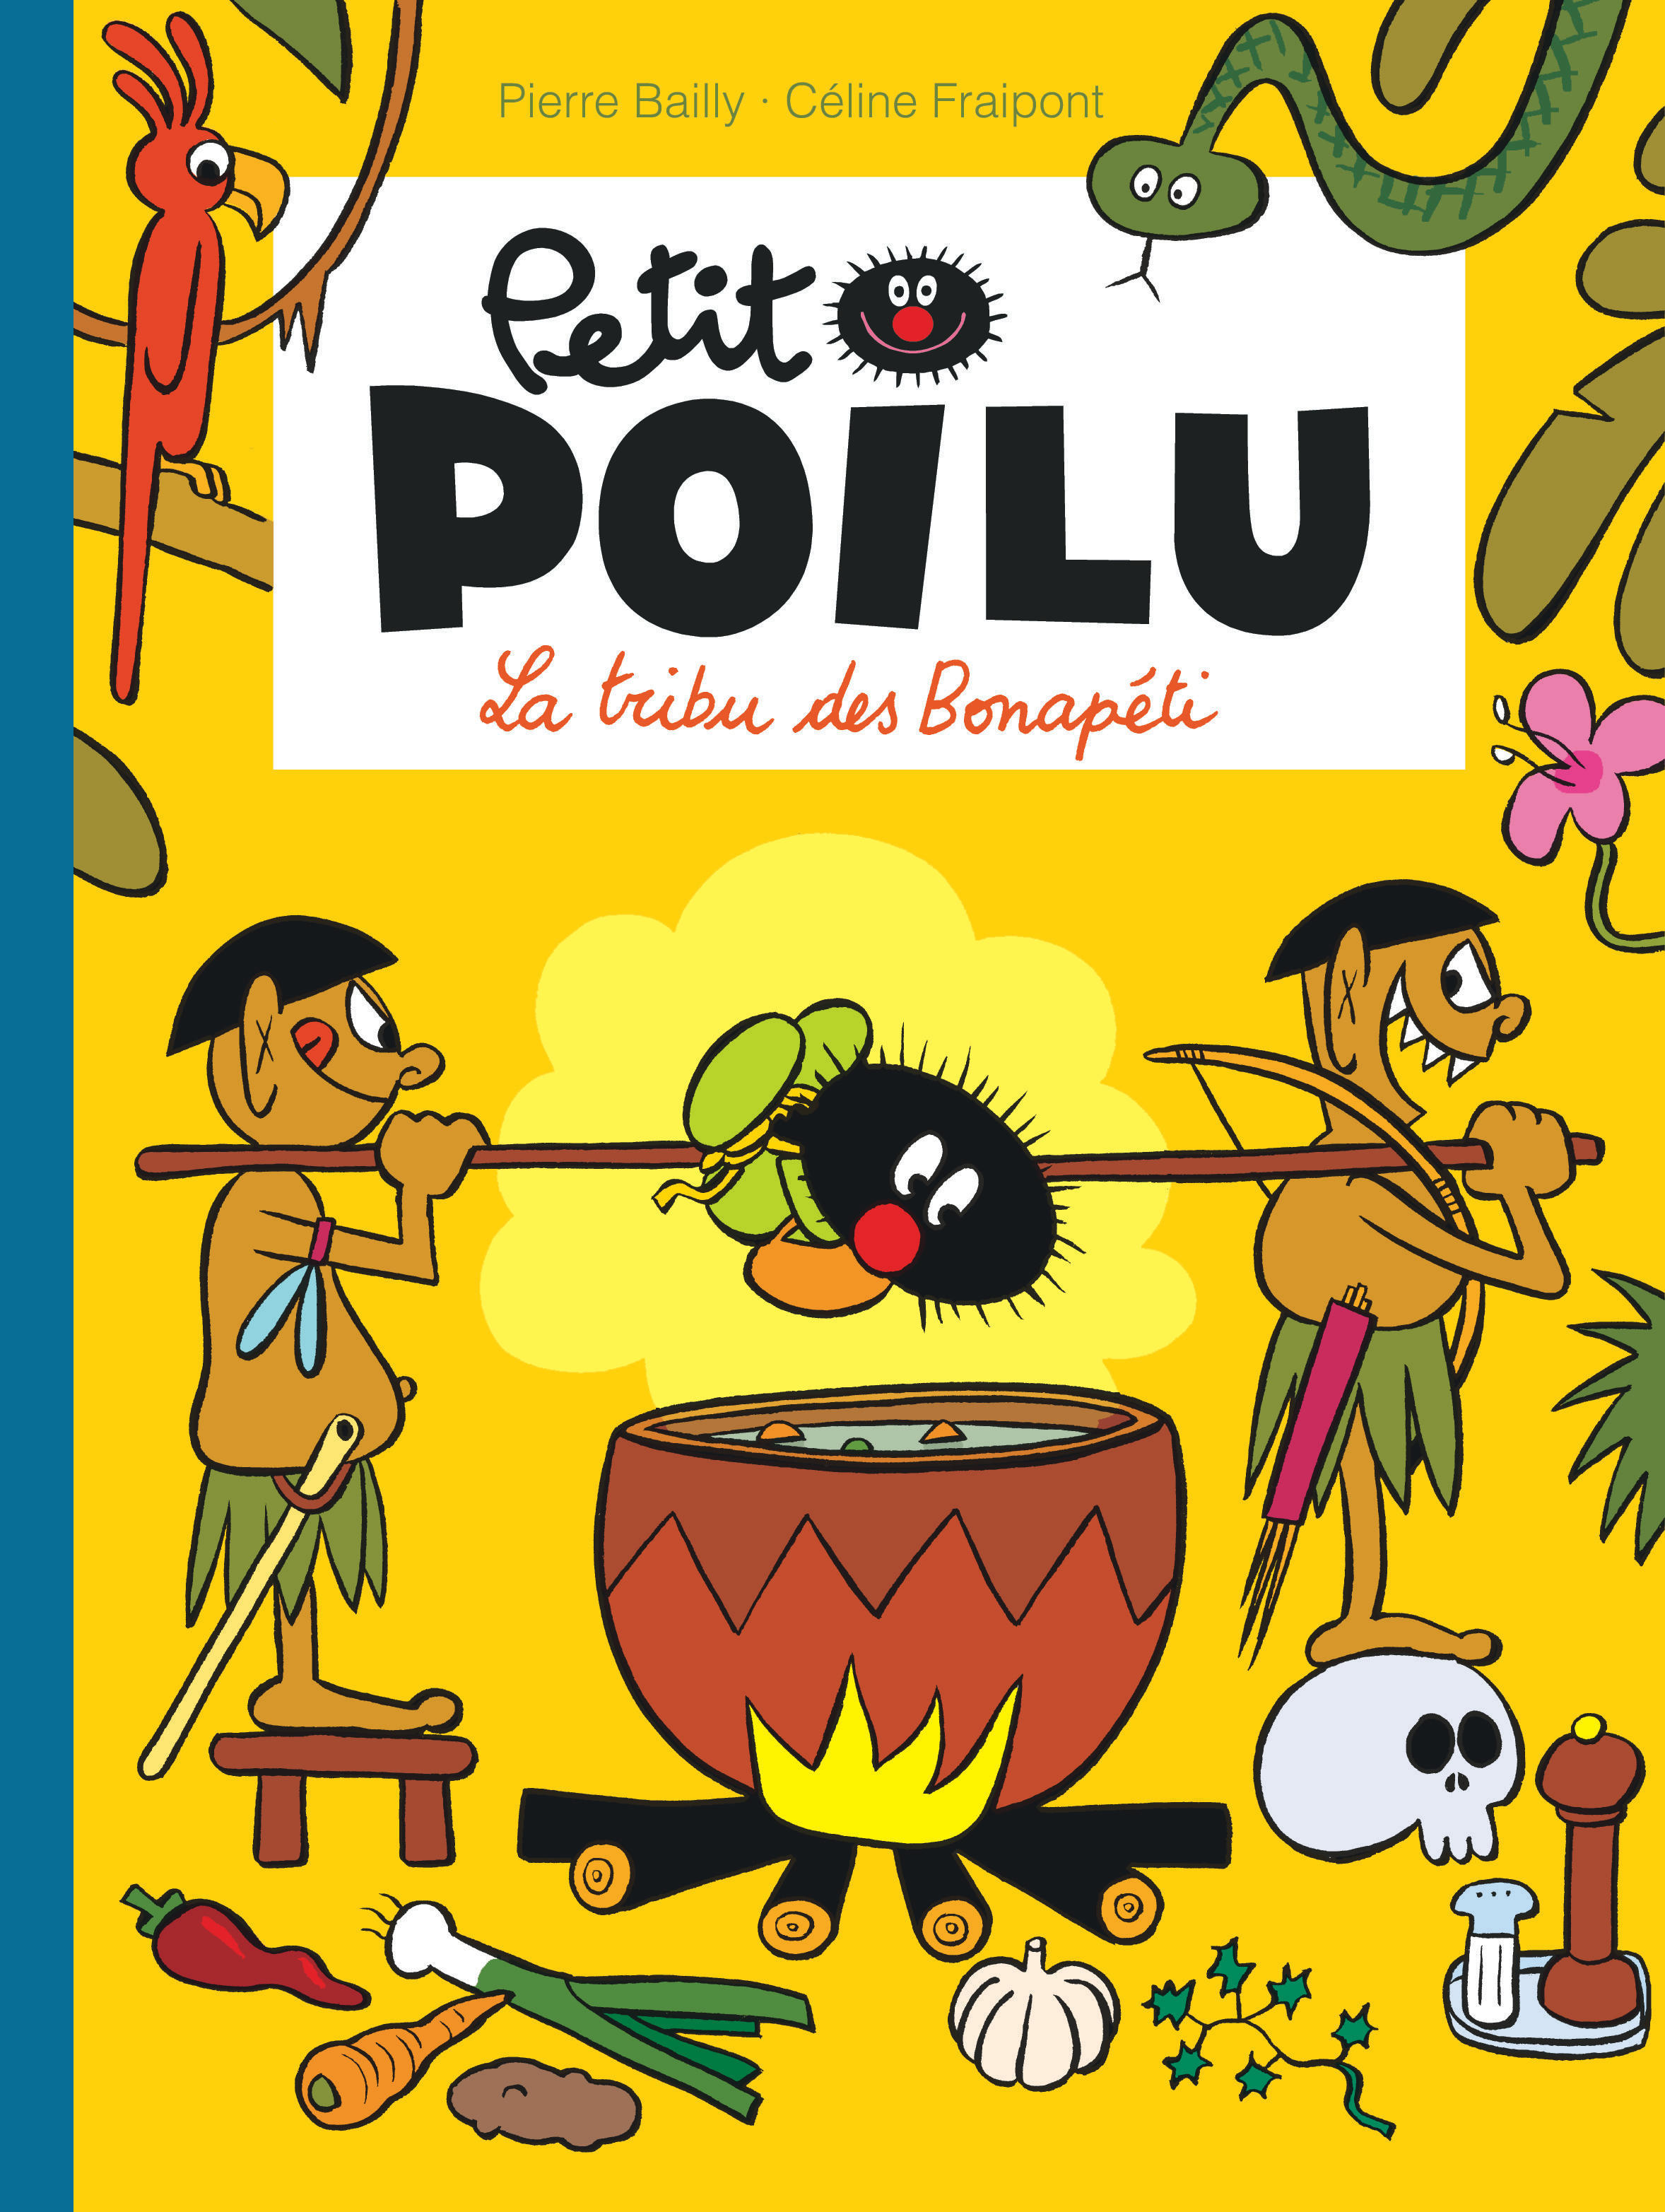 PETIT POILU - TOME 5 - LA TRIBU DES BONAPETI (NOUVELLE MAQUETTE)